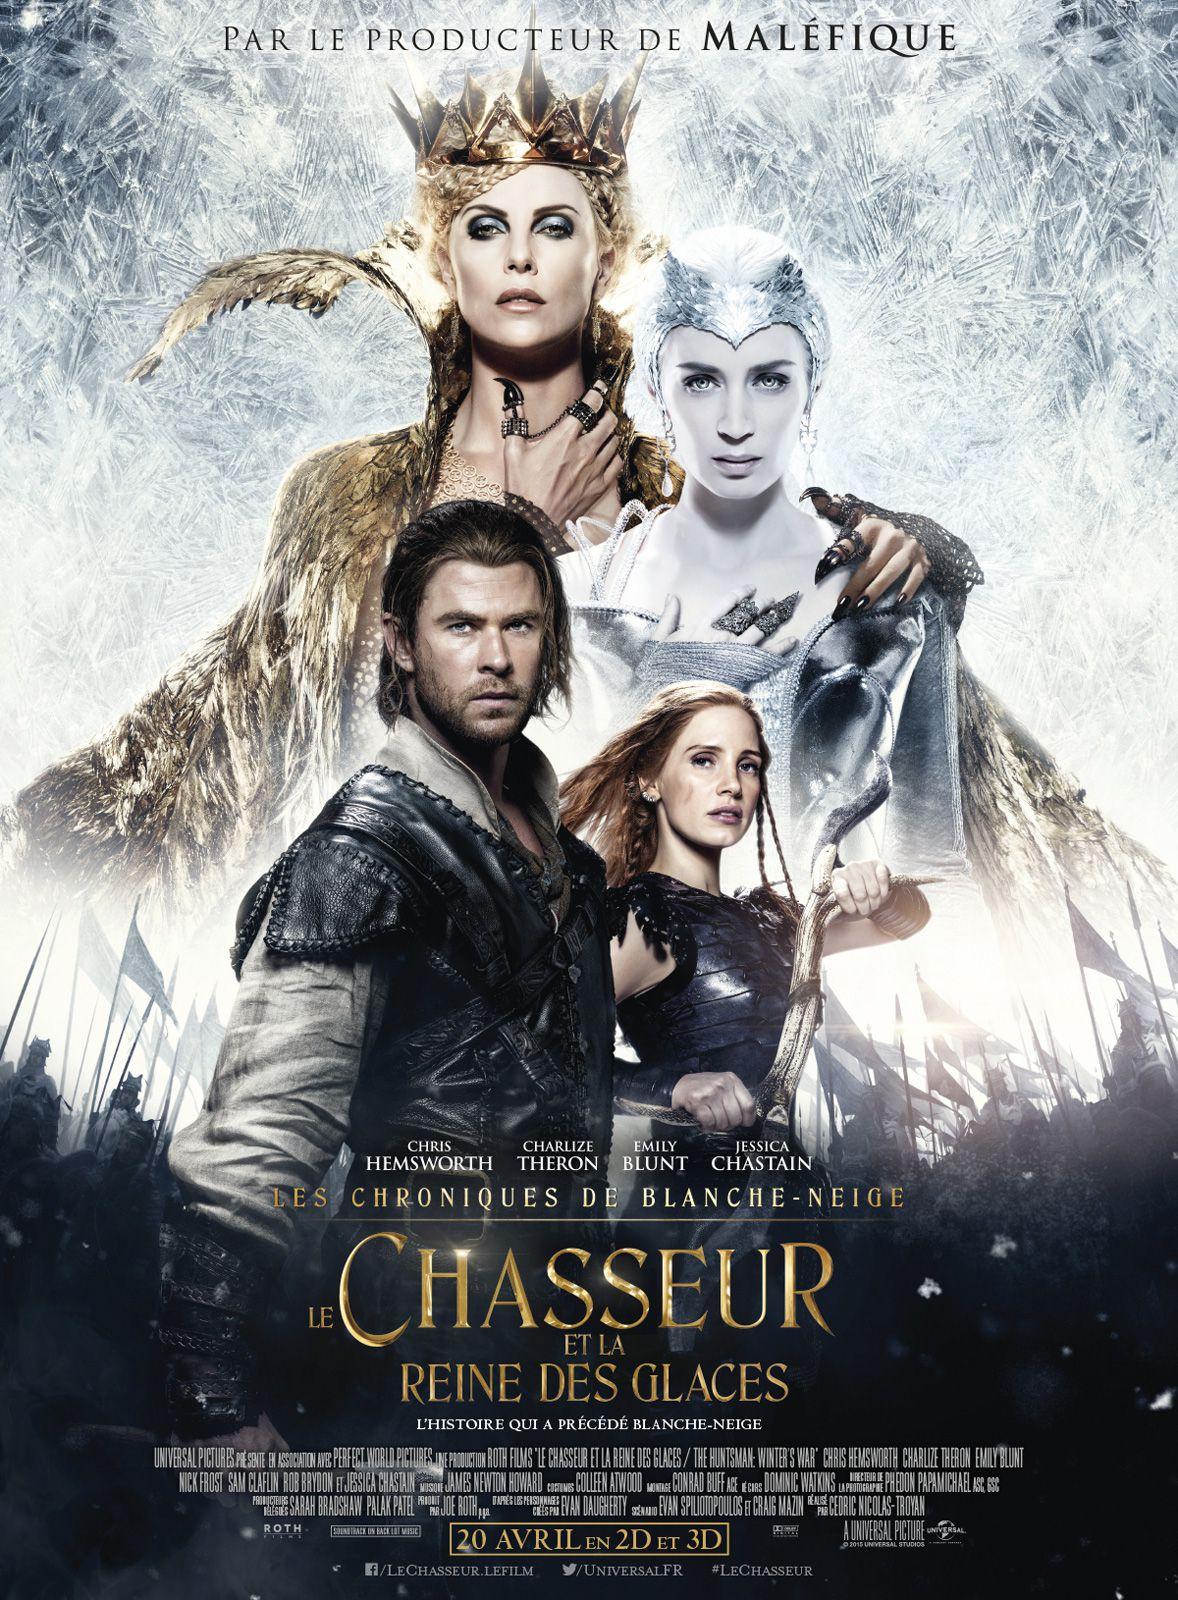 Le Chasseur et la Reine des glaces - Film (2016)